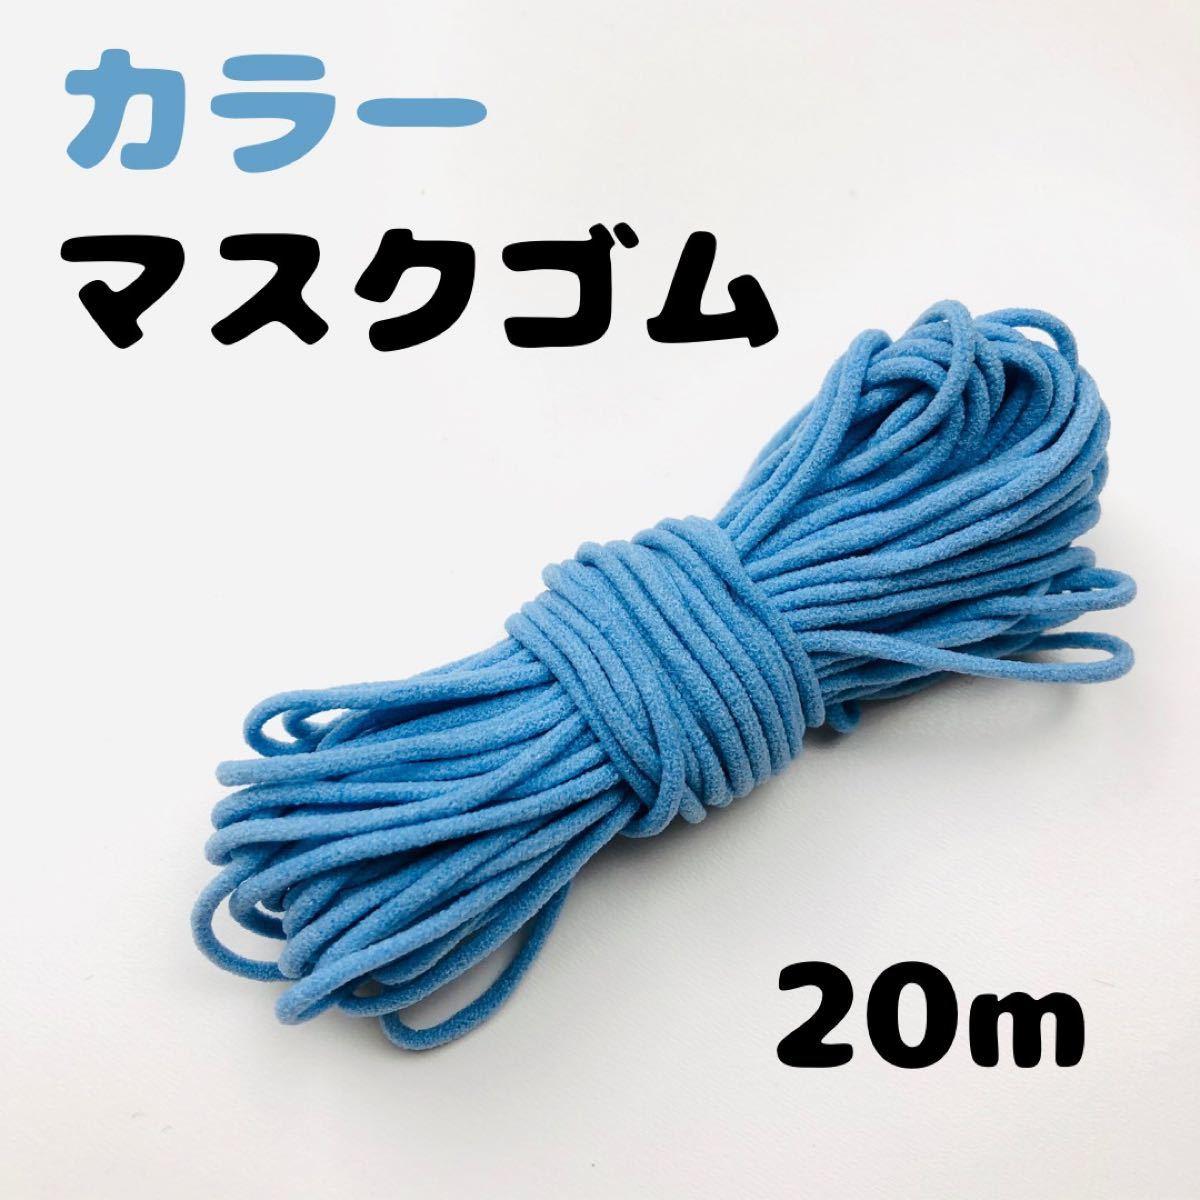 ゴム紐 カラーゴム 丸ゴム 専用ゴム ゴム紐